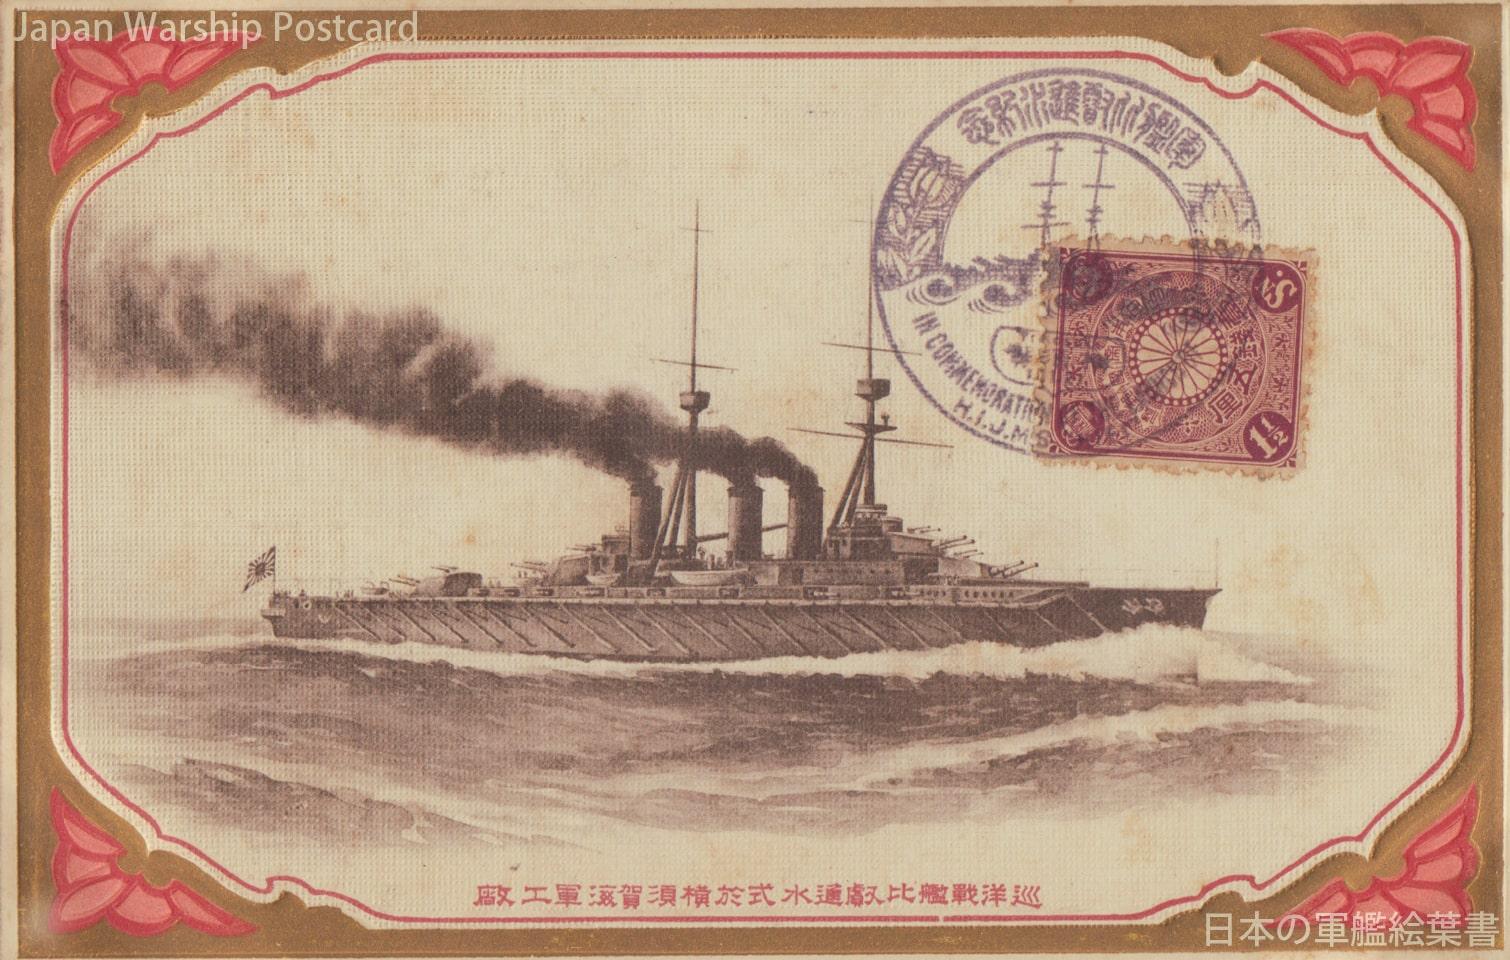 軍艦比叡進水記念